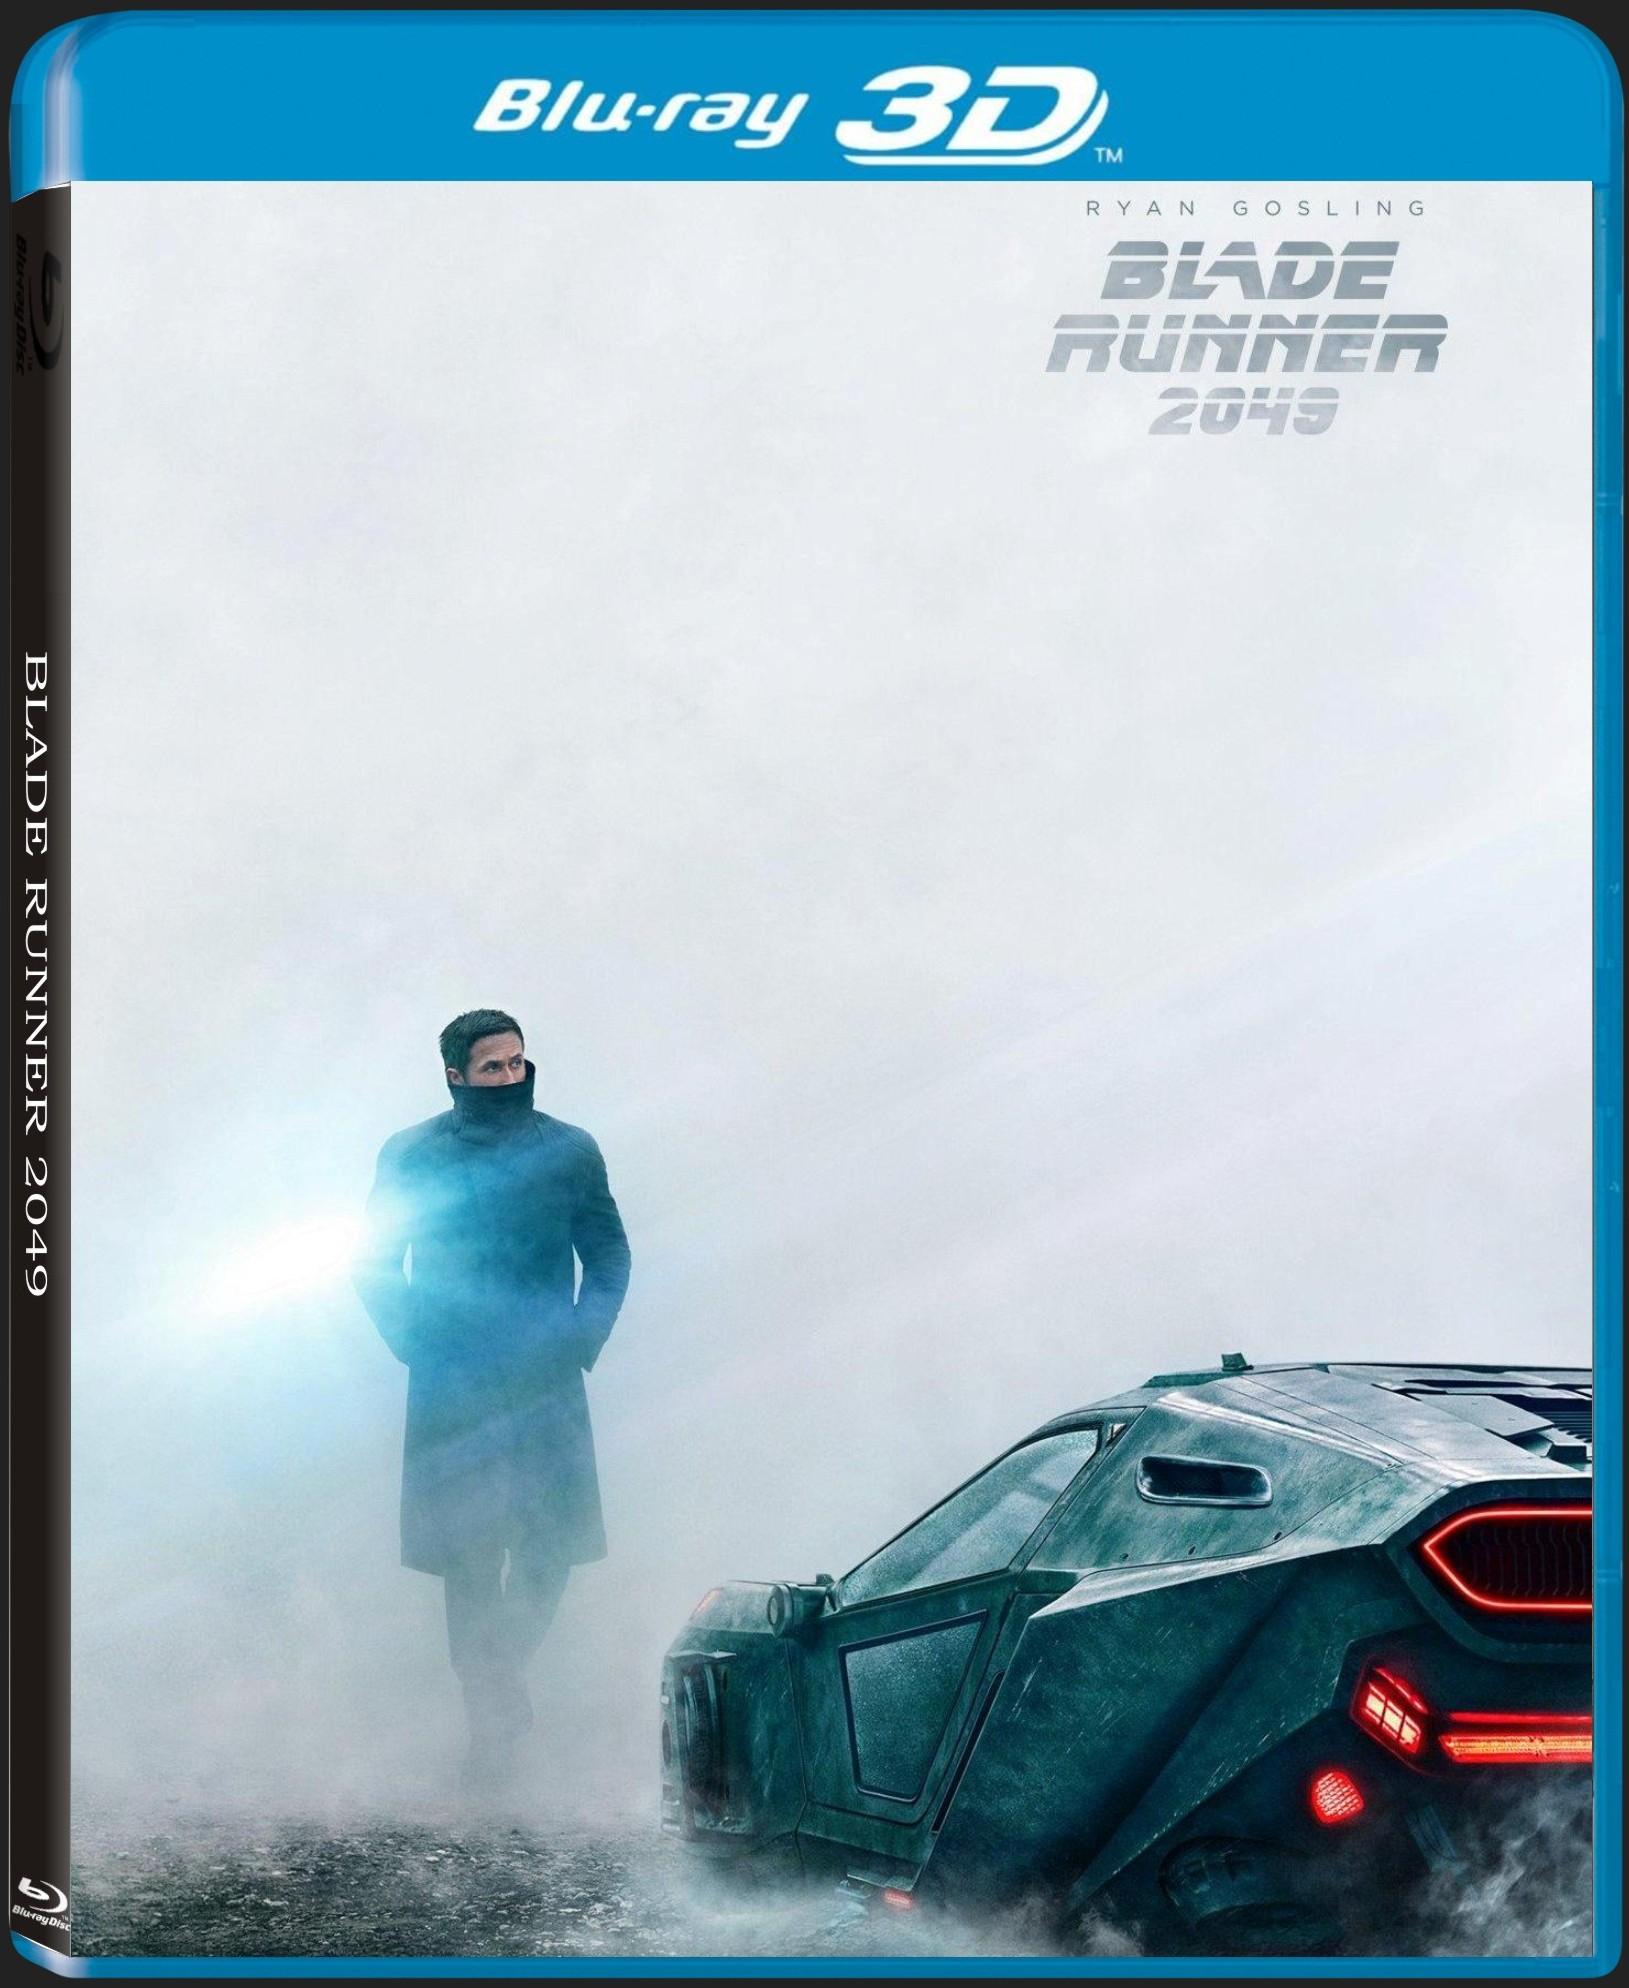 BLADE RUNNER 2049 - Blu-ray 3D + 2D